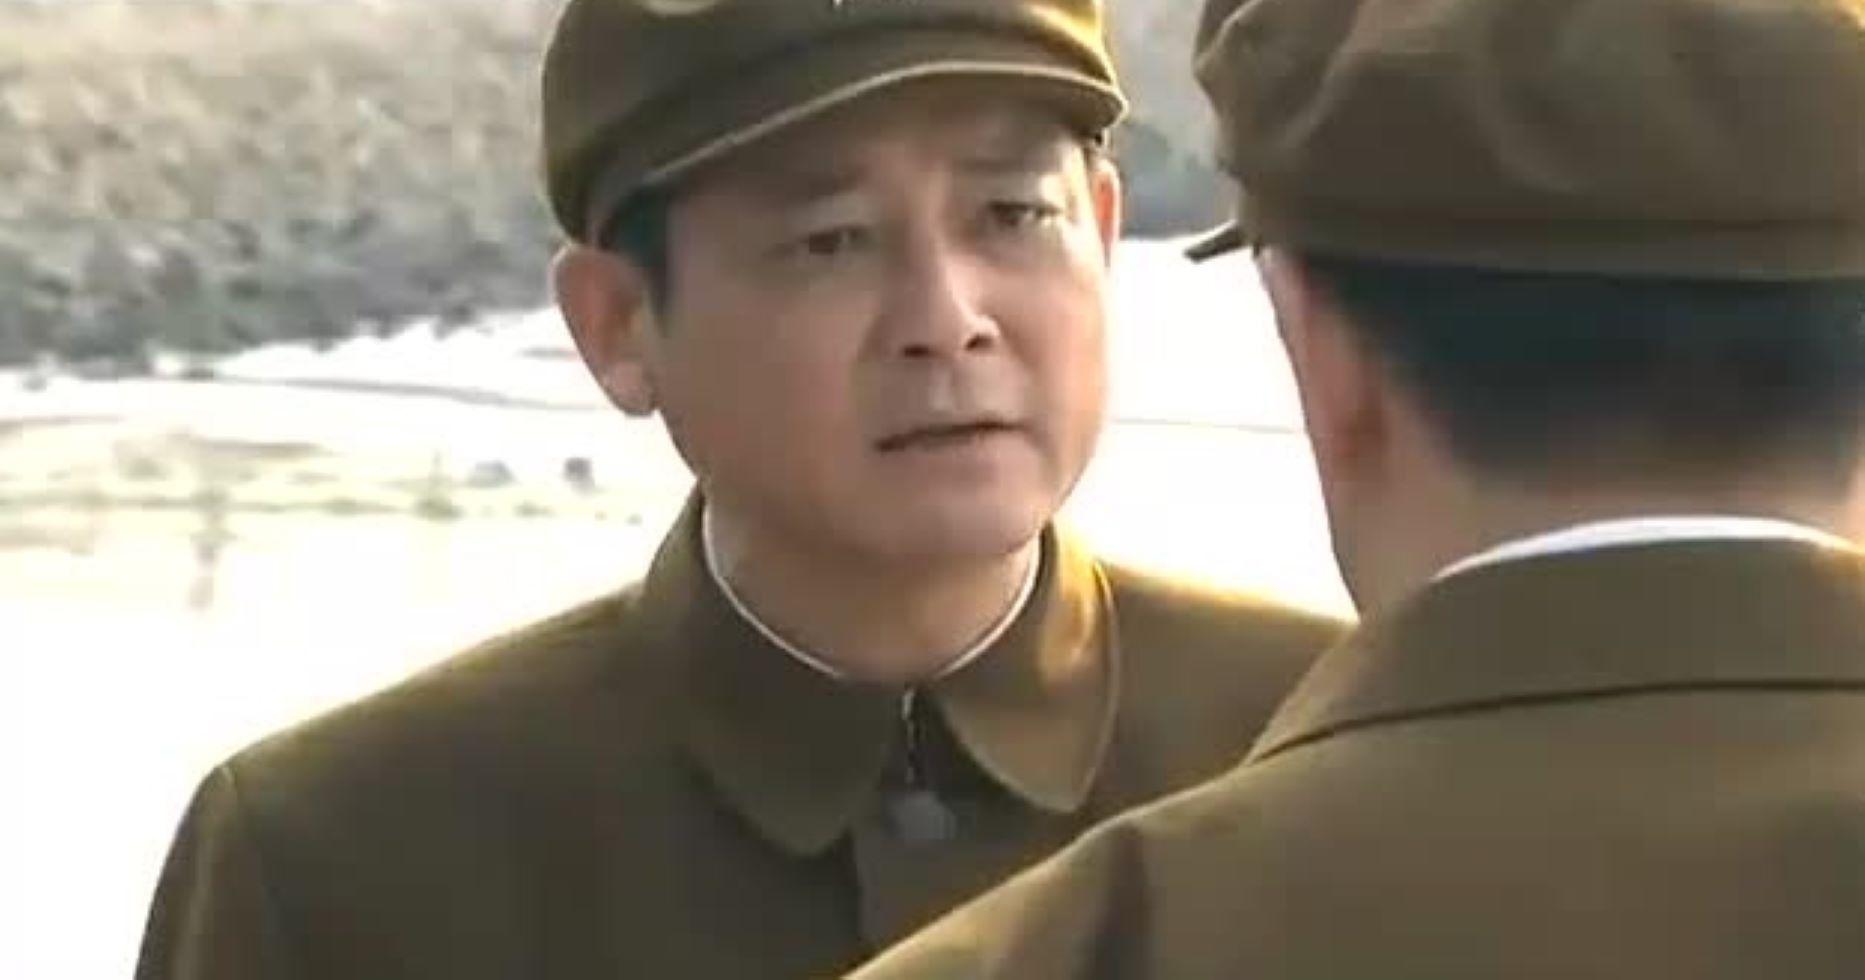 1957年,开国将领中文字幕,凶手并非传说的反动美容,毛主席下令彻查